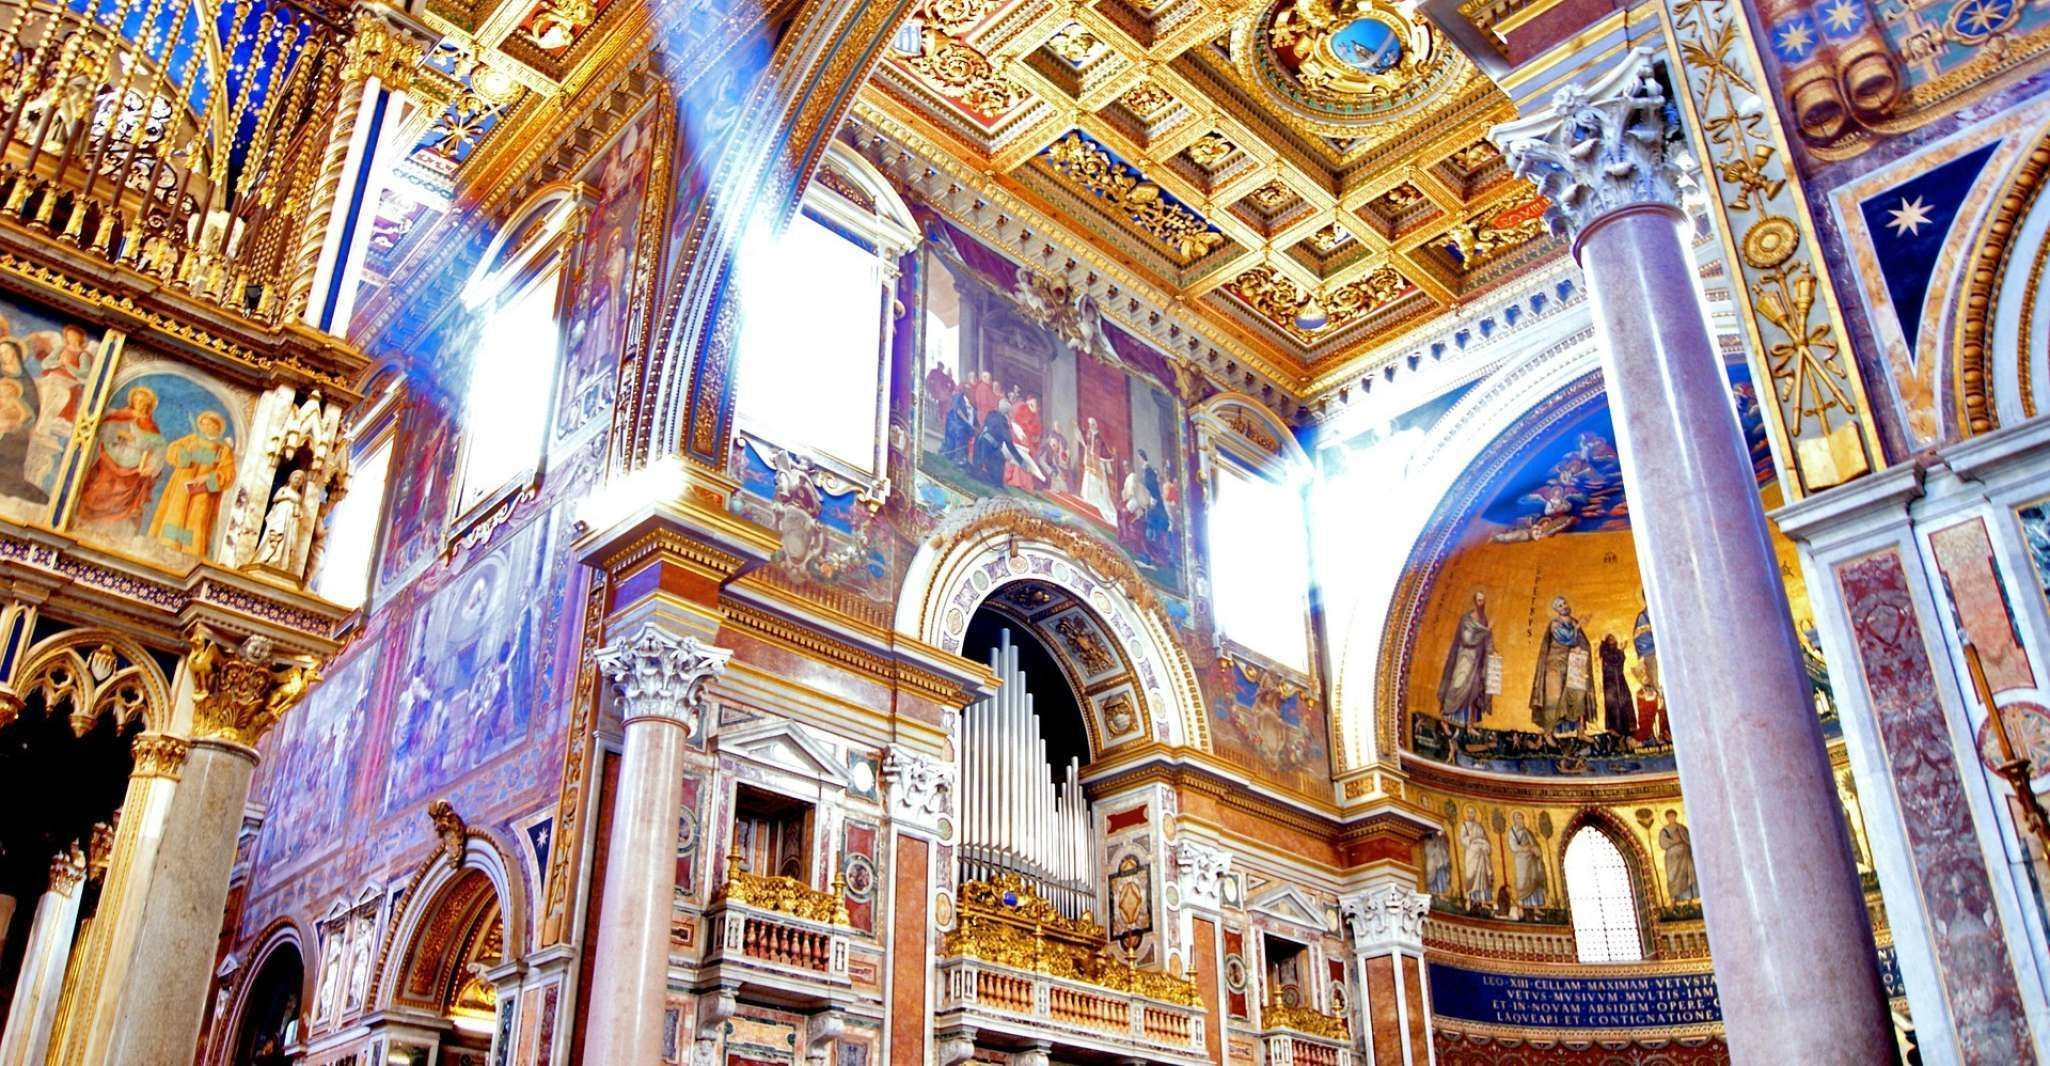 Rome: Christian Basilicas & Secret Catacombs